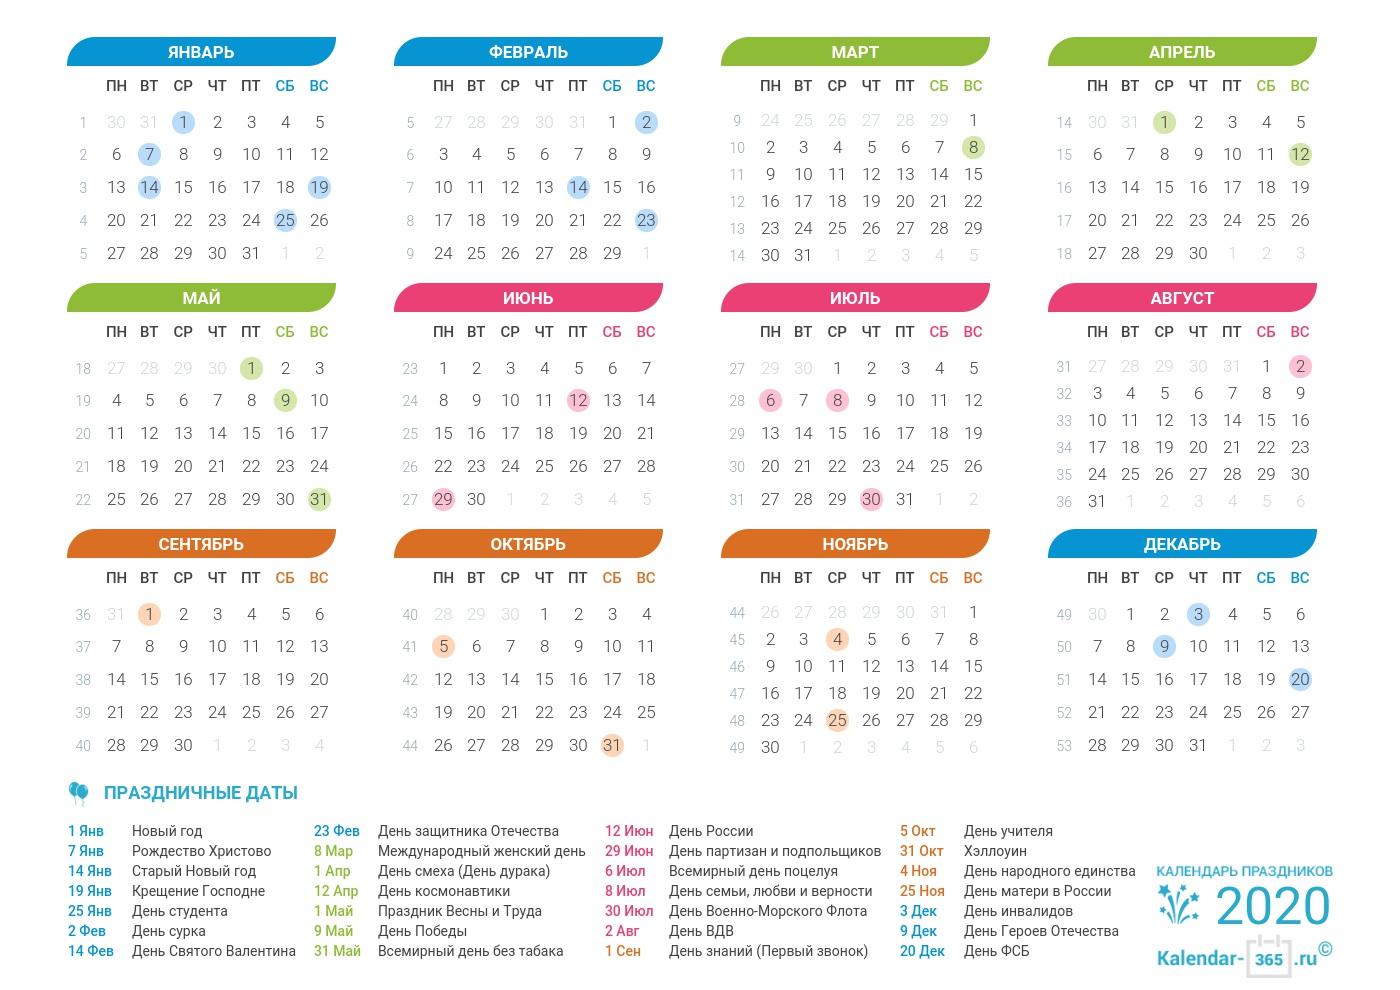 Календарь 2020 С Праздниками И Выходными Днями